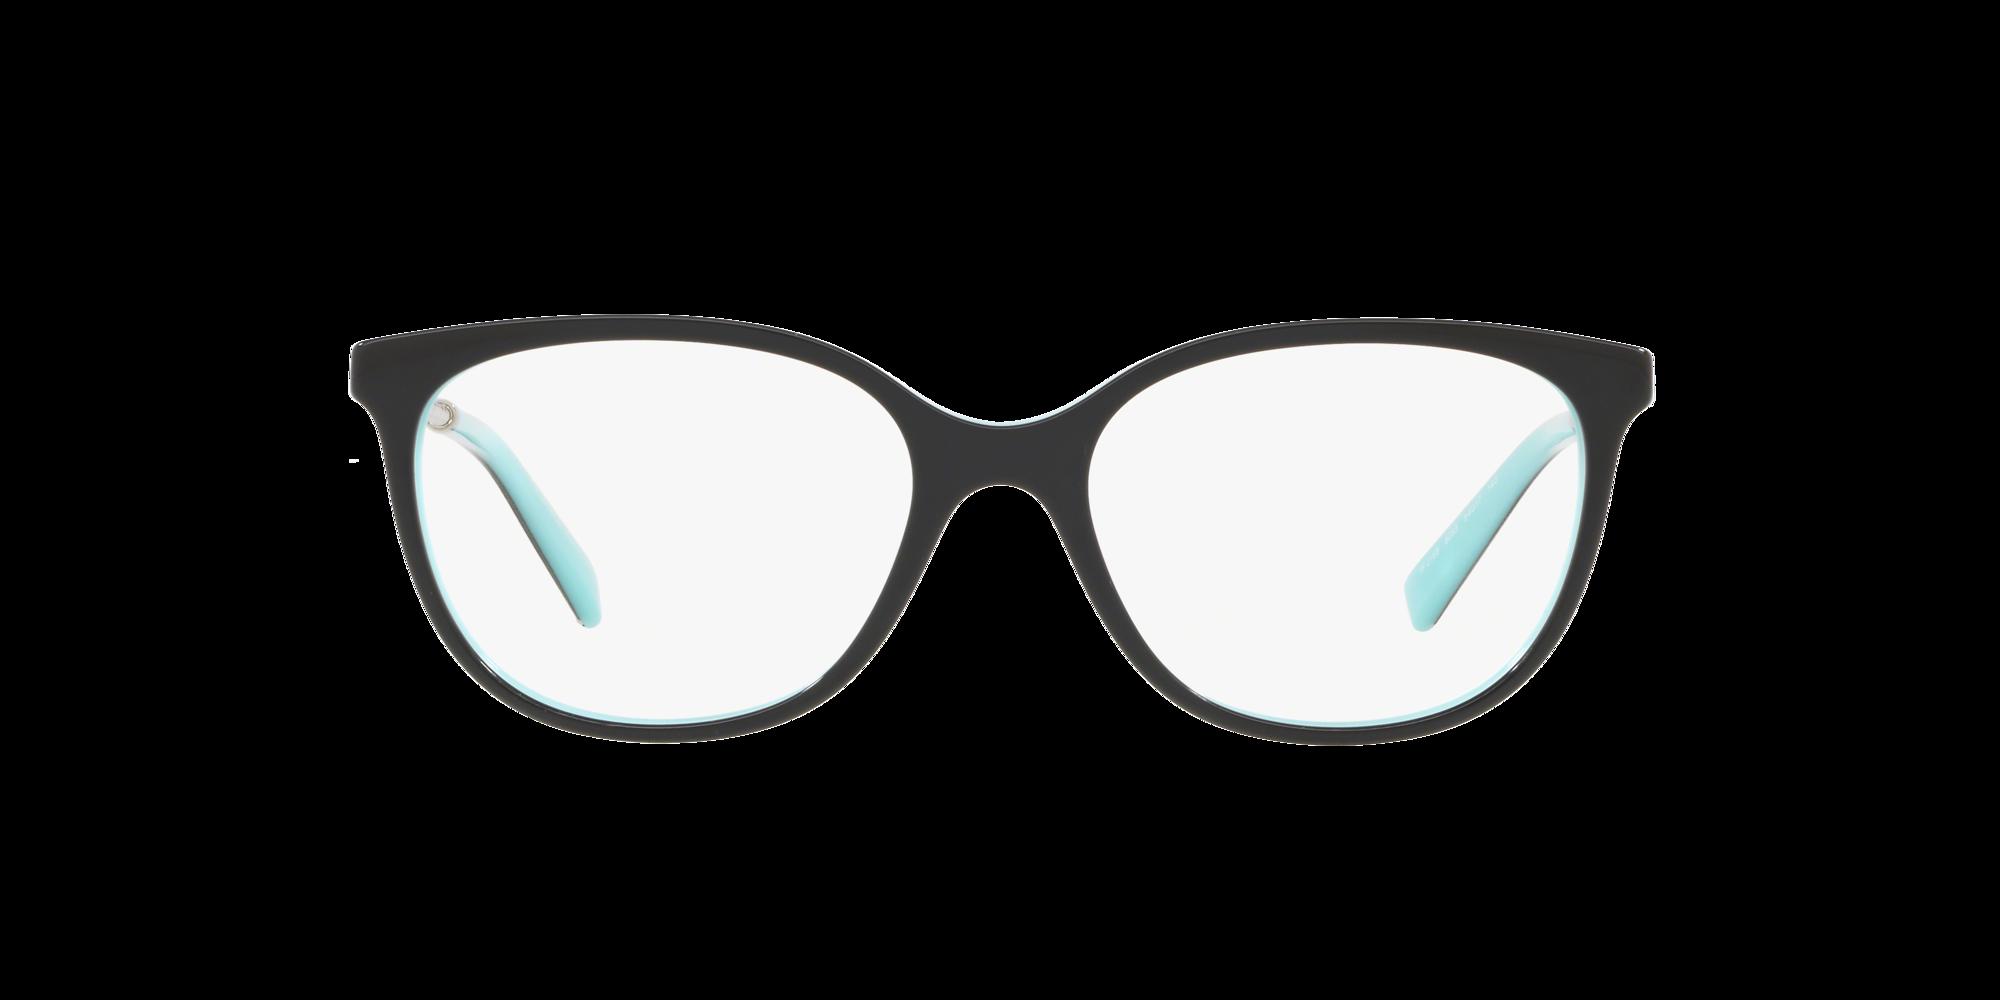 Imagen para TF2168 de LensCrafters |  Espejuelos, espejuelos graduados en línea, gafas